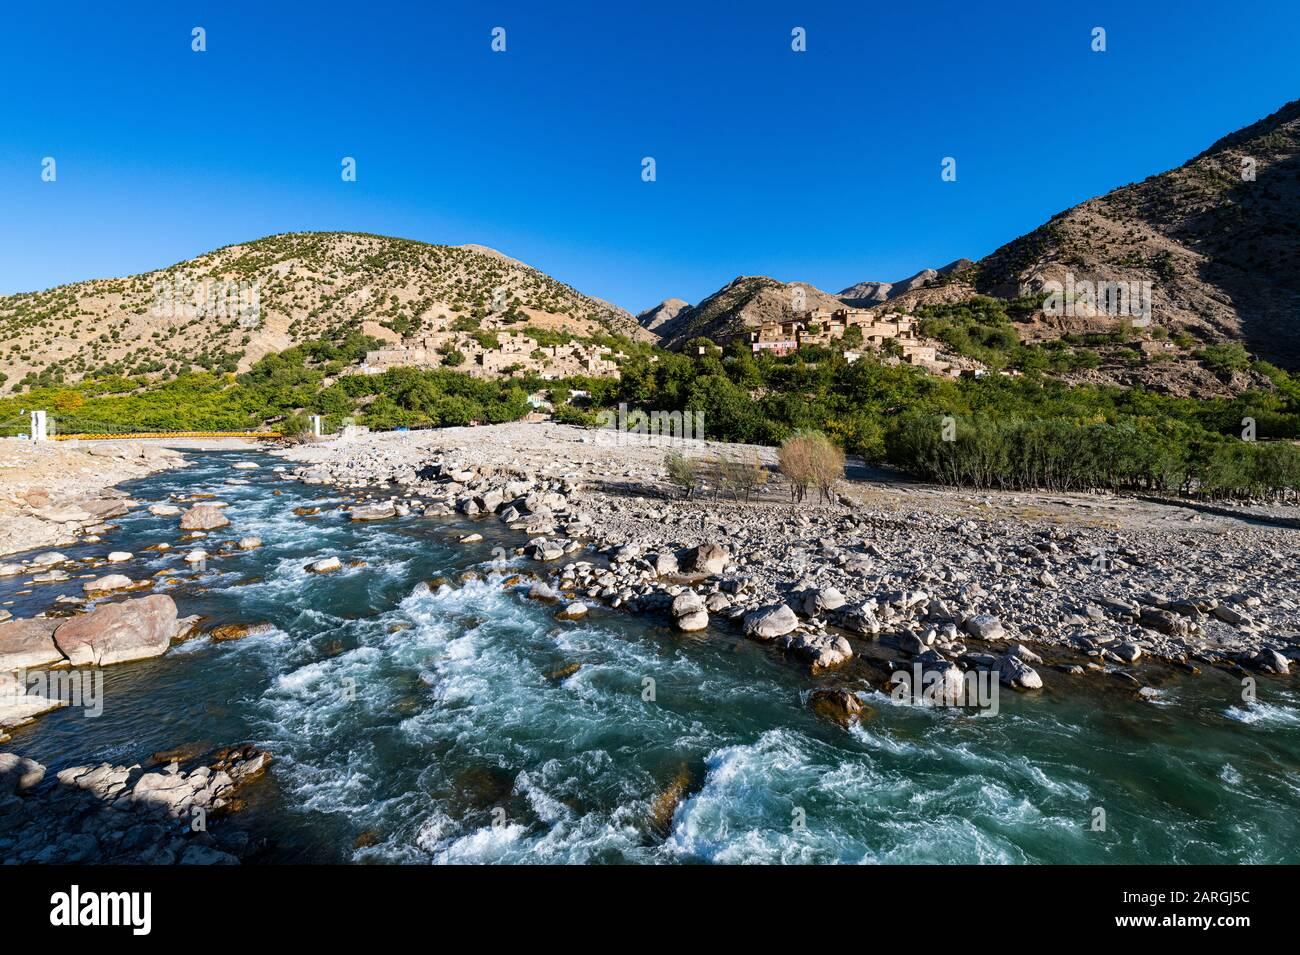 Rivière Panjshir qui traverse la vallée de Panjshir, Afghanistan, Asie Banque D'Images